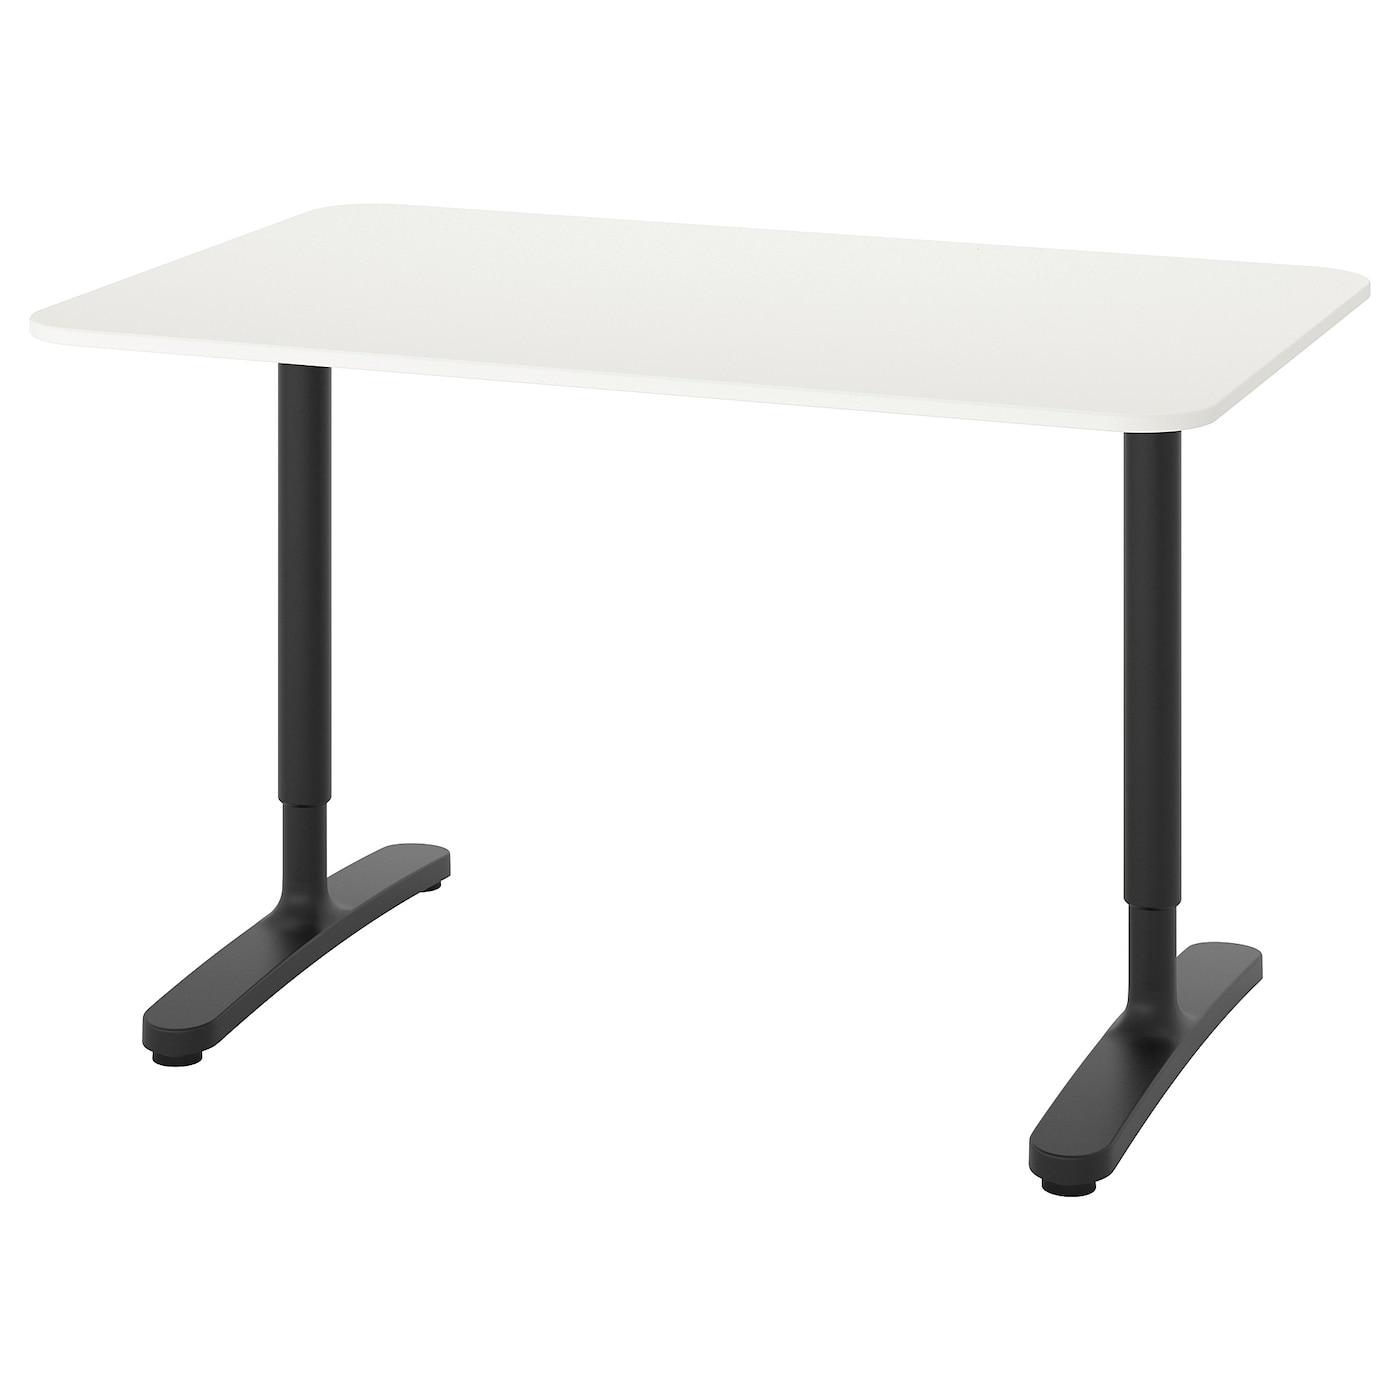 IKEA BEKANT biurko z białym blatem i czarnymi nogami, 120x80 cm